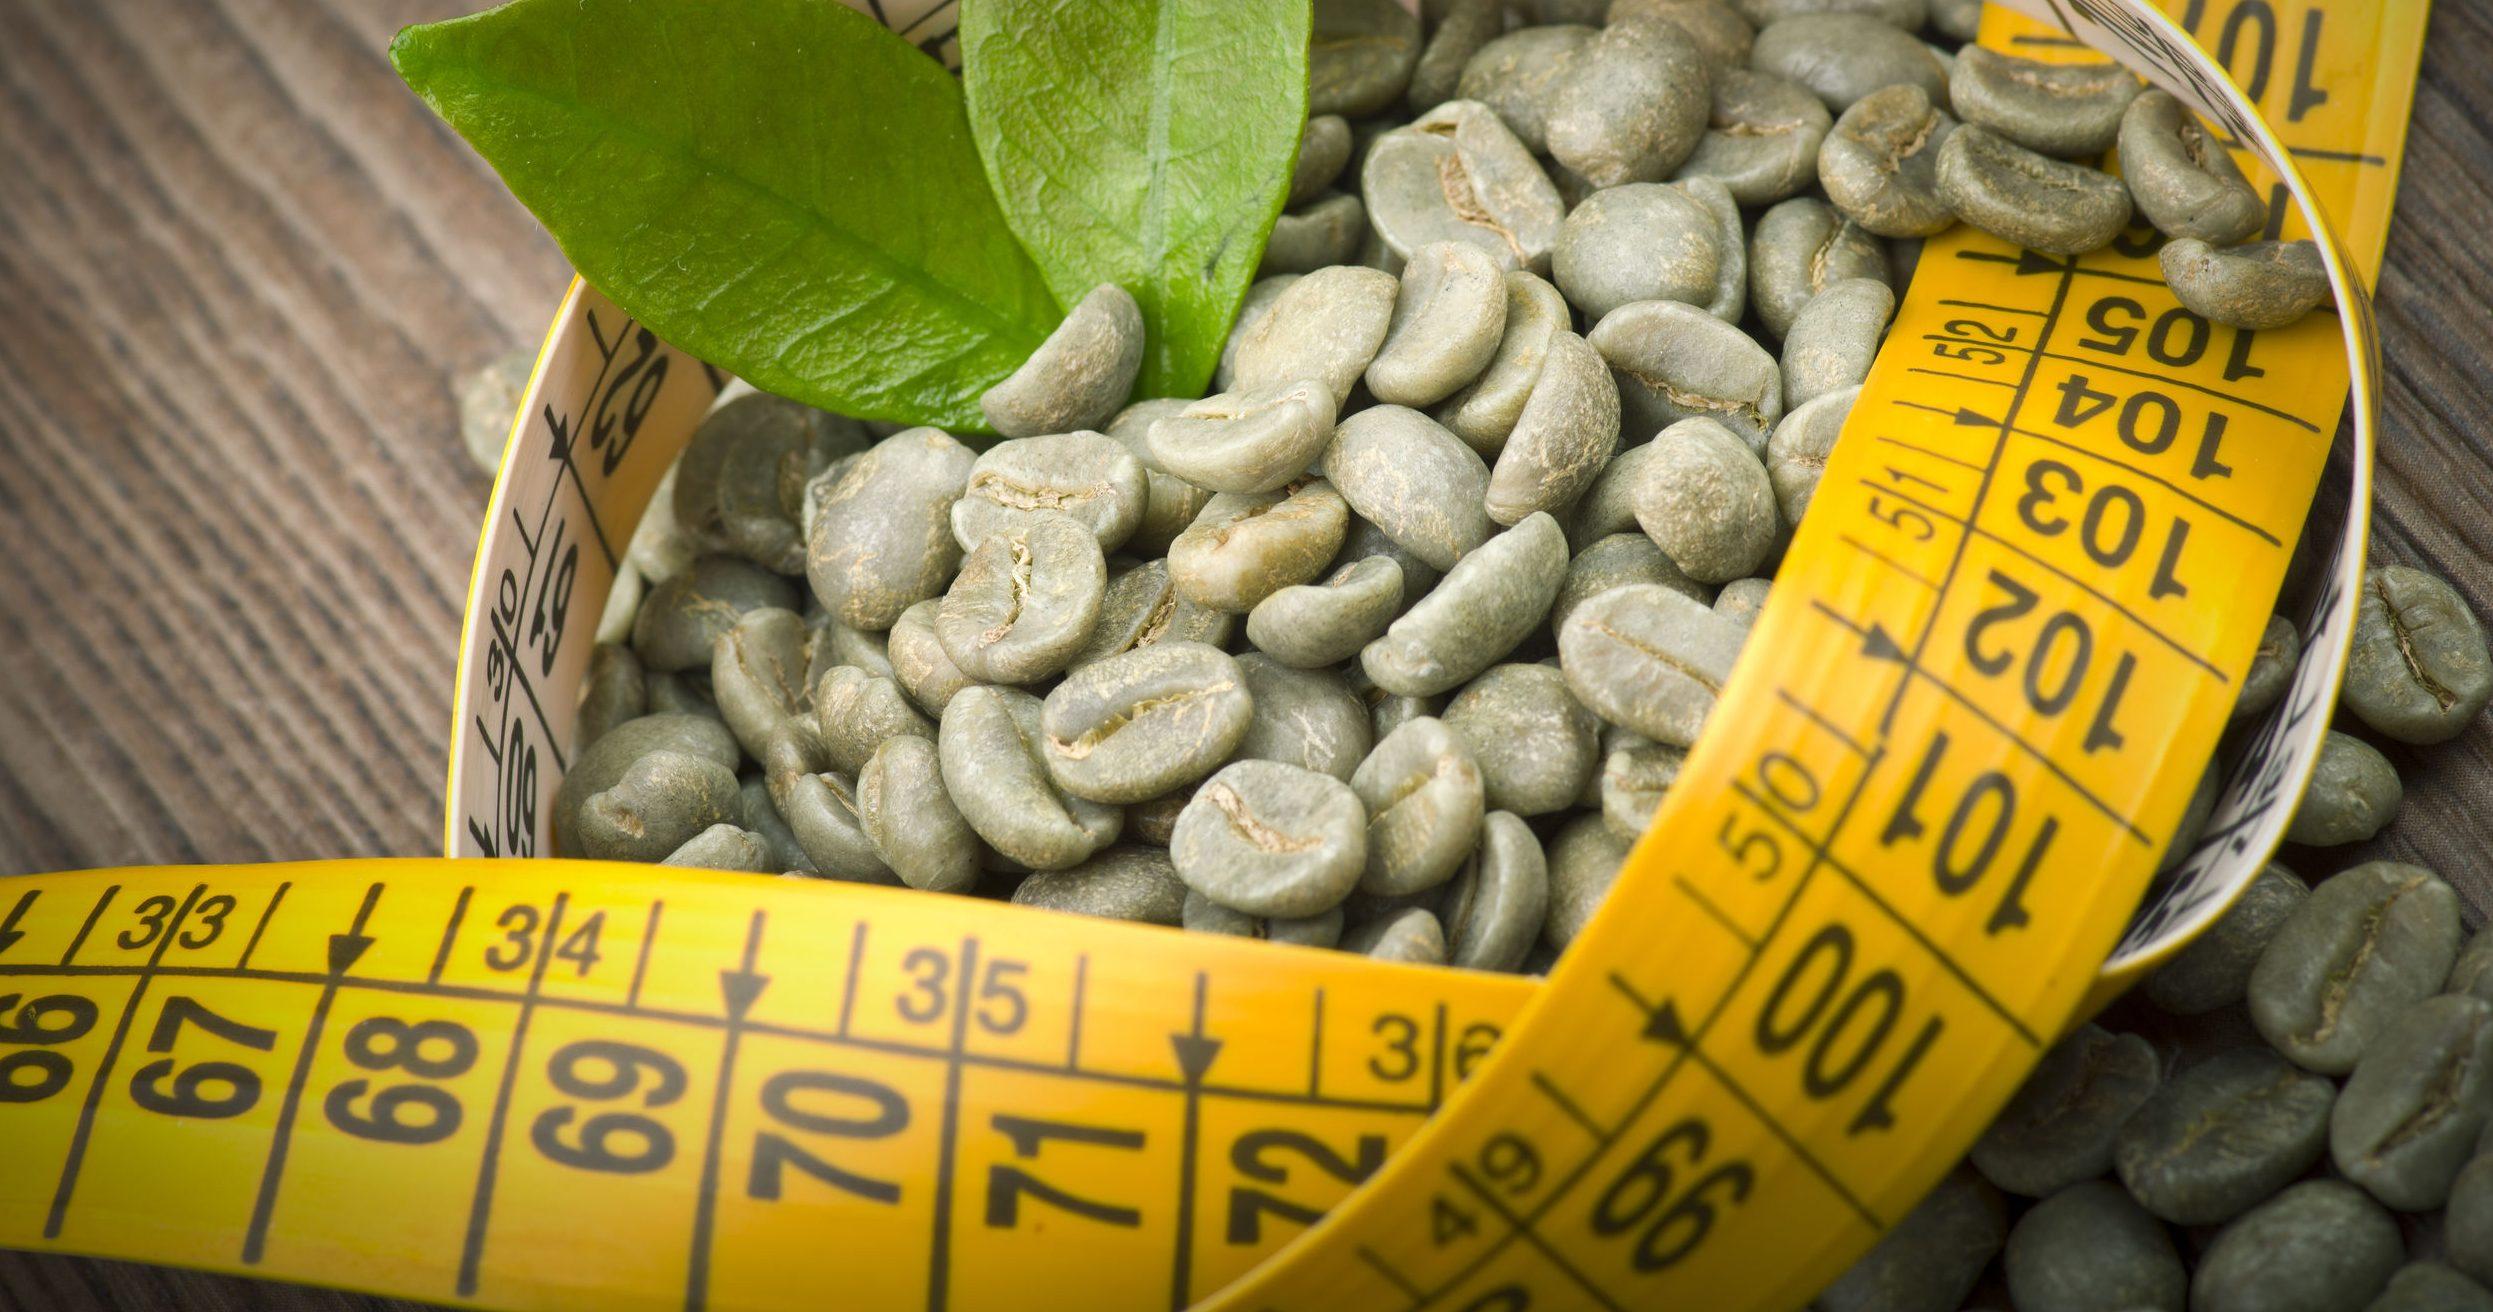 Queimador de gordura: Qual o melhor de 2021?